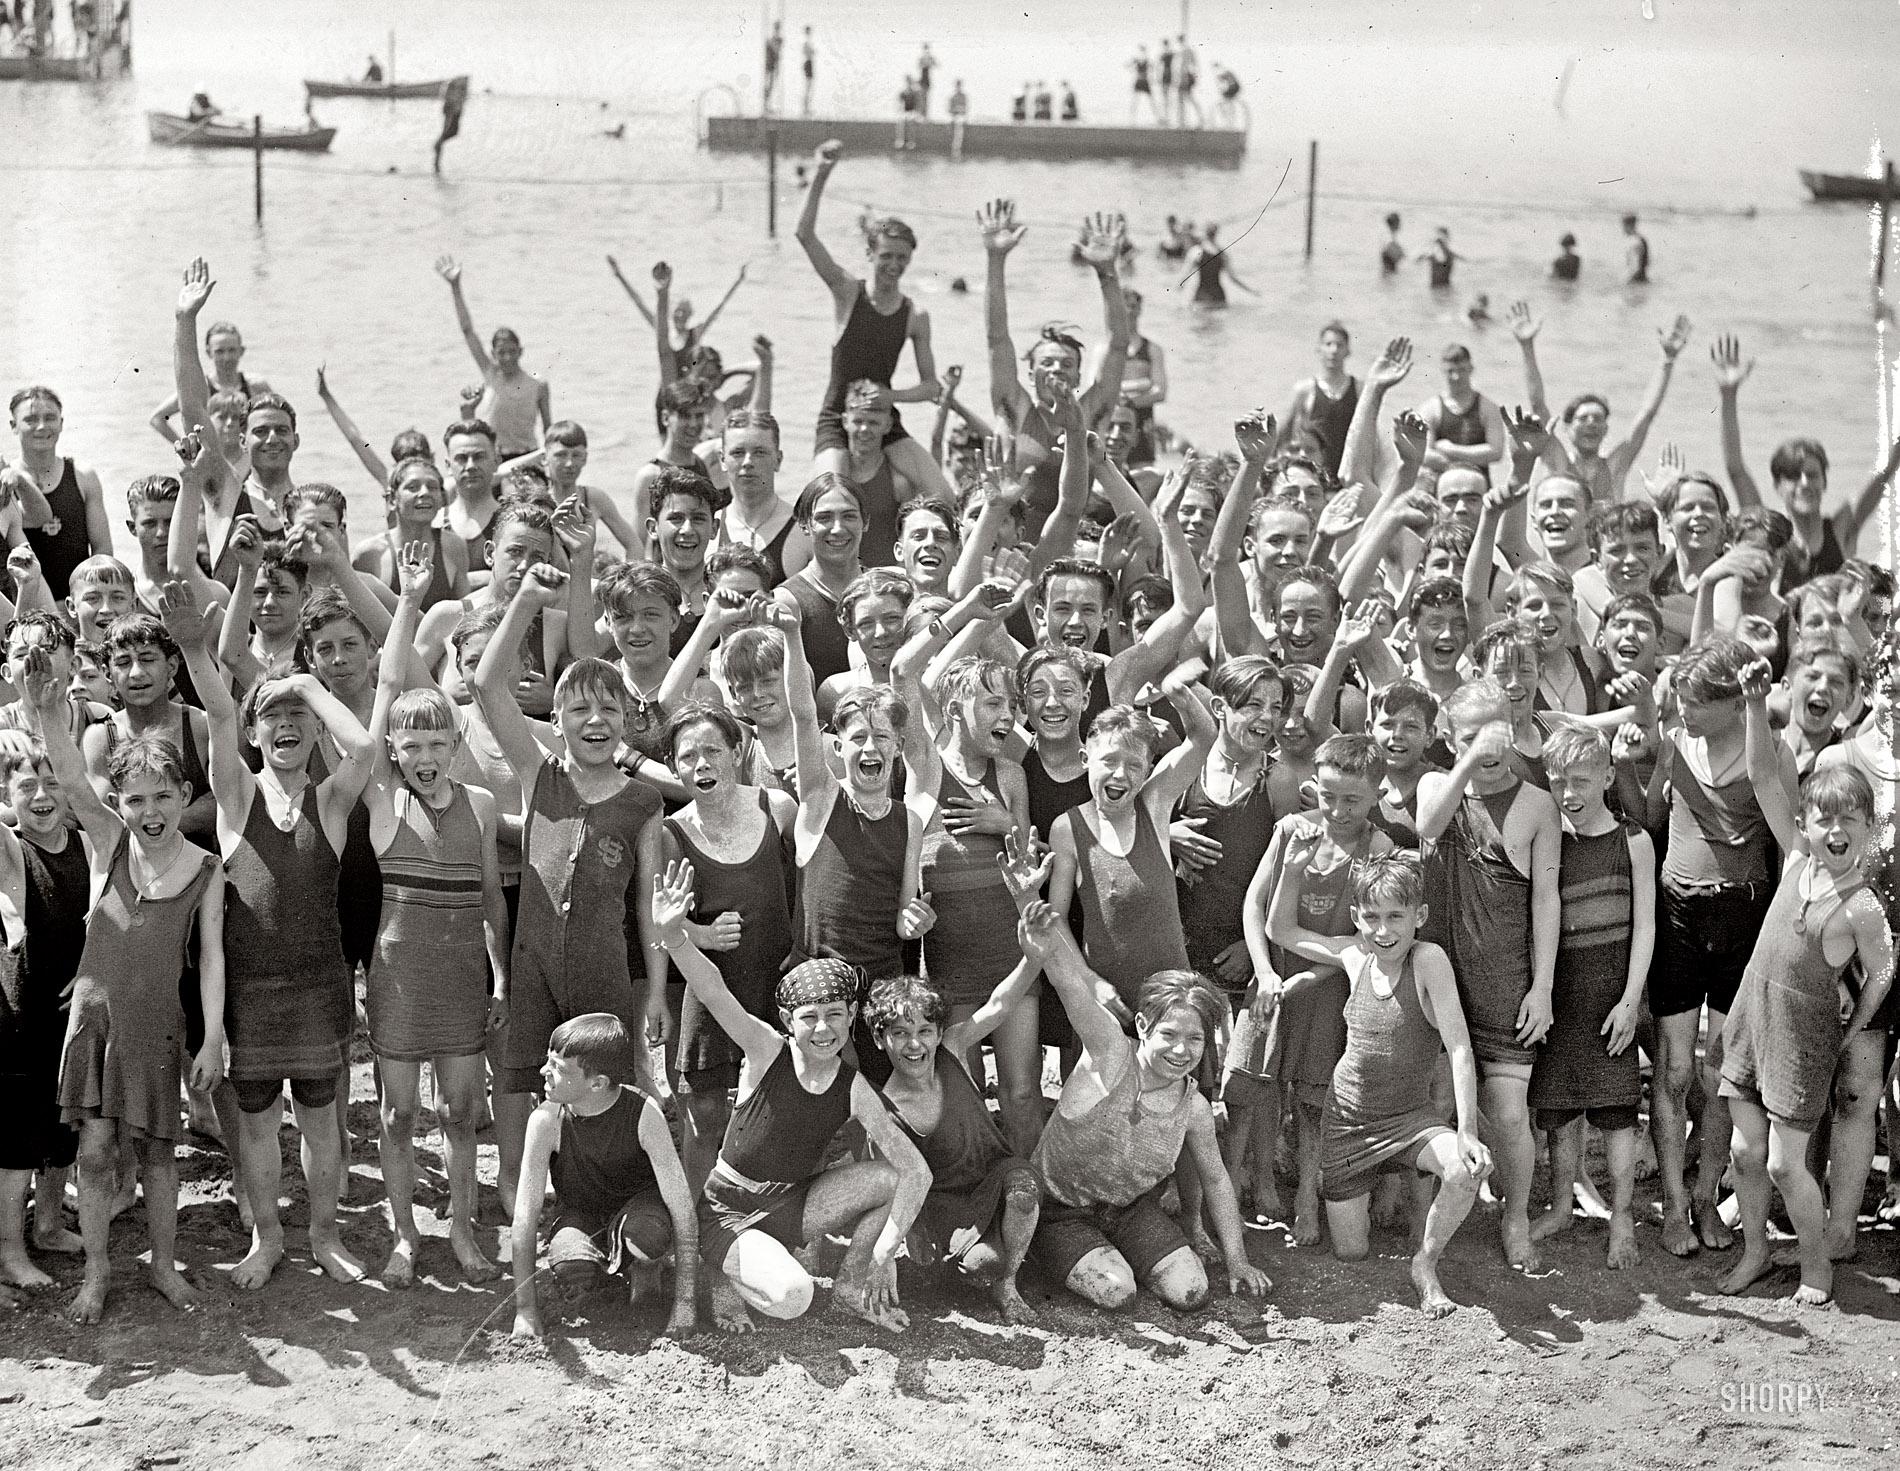 Смотреть семейный нудизм ретро фото, Нудисткий пляж ретро » Эротика фото и голых девушек 7 фотография